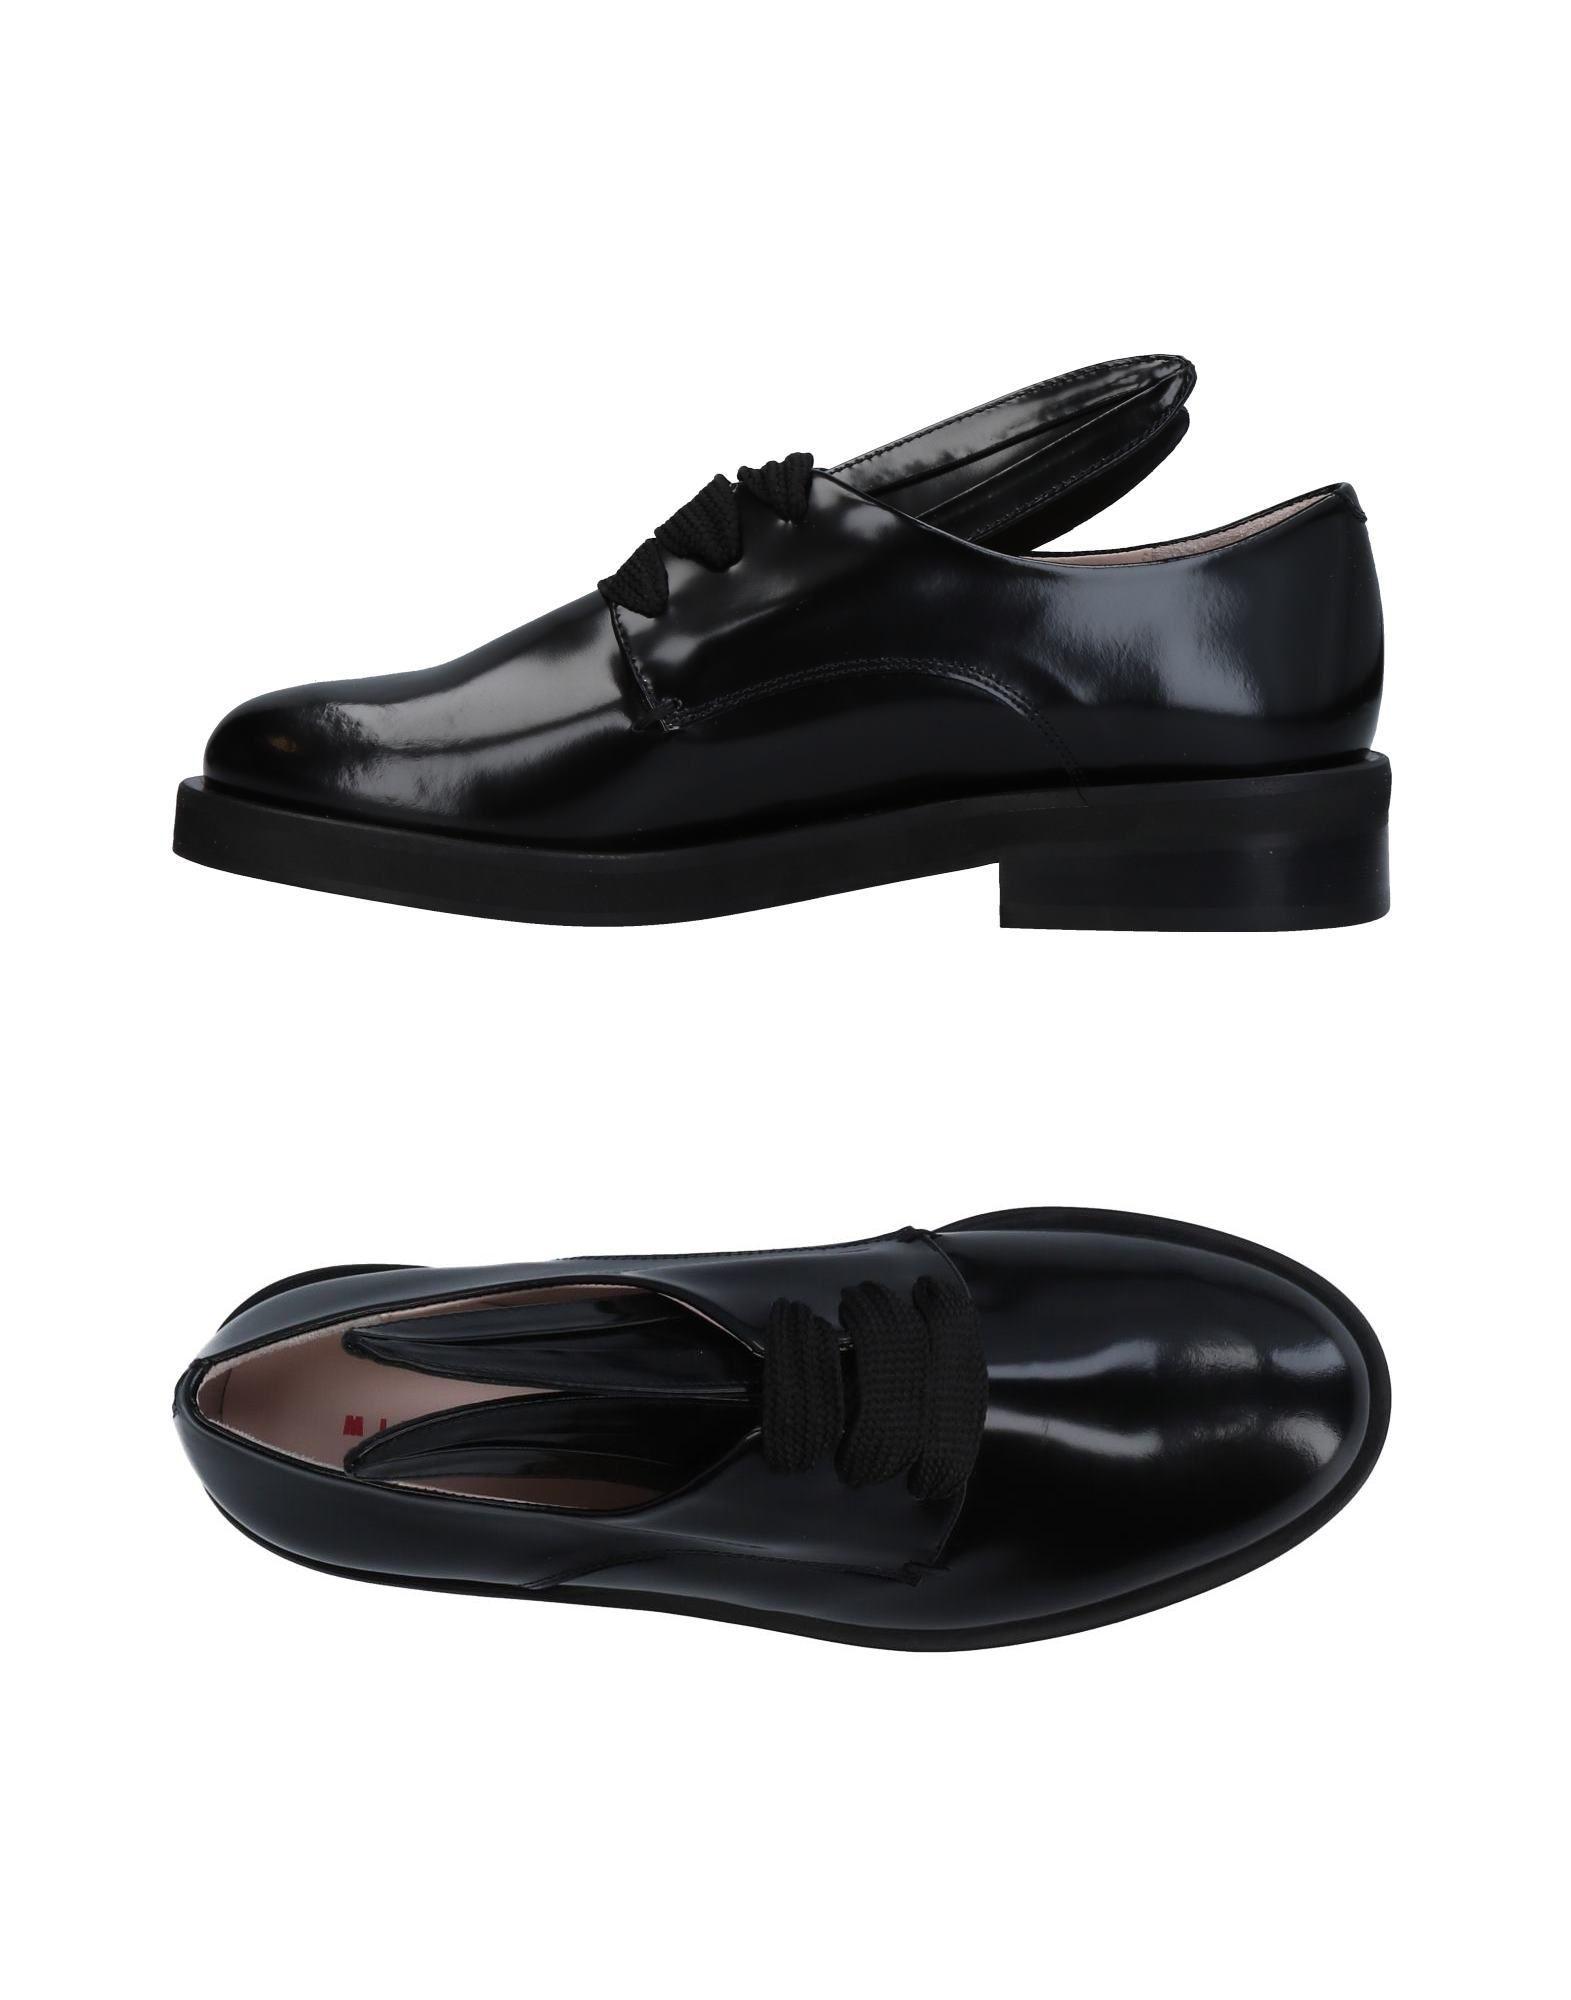 MINNA PARIKKA Обувь на шнурках kazuo ishiguro ära lase mul minna